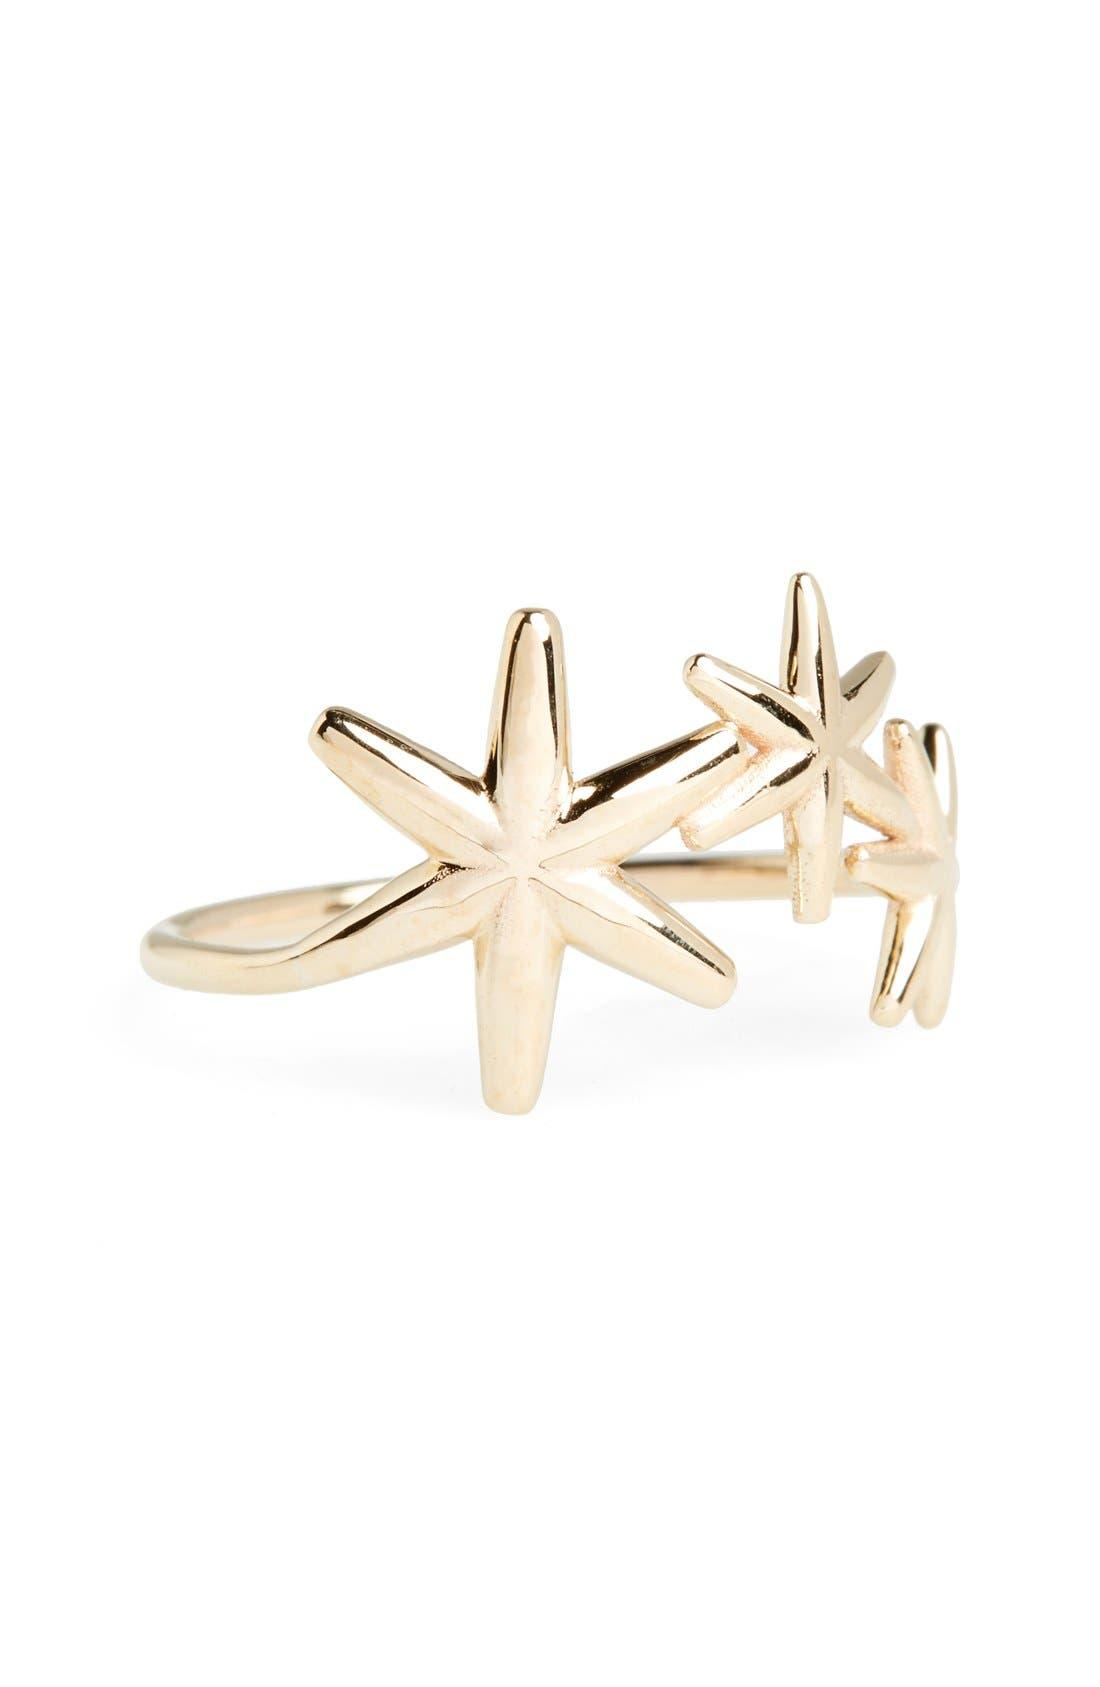 Main Image - SARAH & SEBASTIAN 'Nimbus' Star Ring